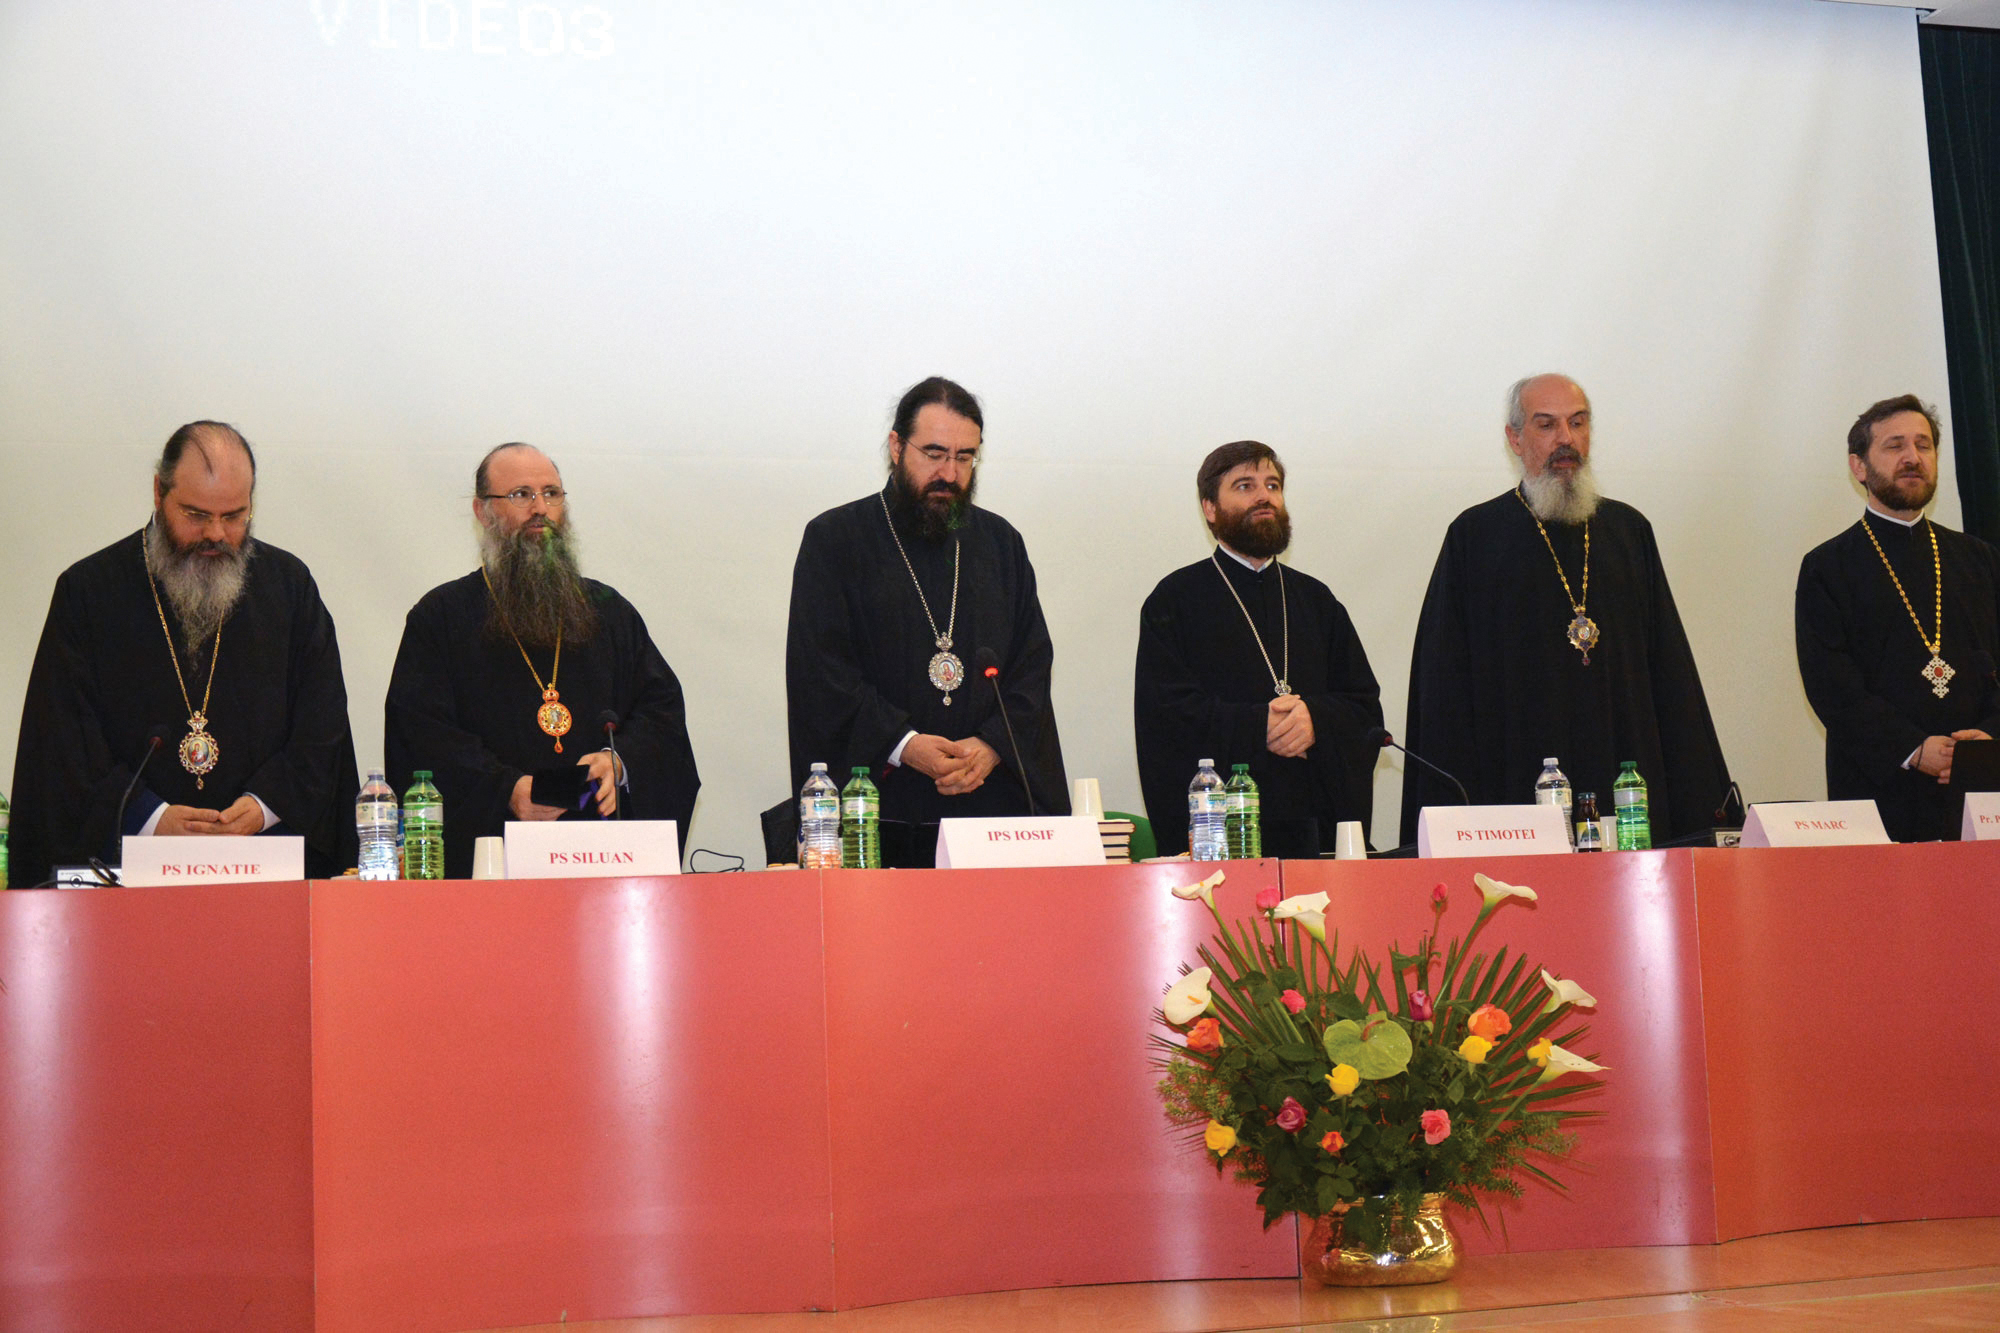 Congrese ale Mitropoliei Ortodoxe Române a Europei Occidentale și Meridionale